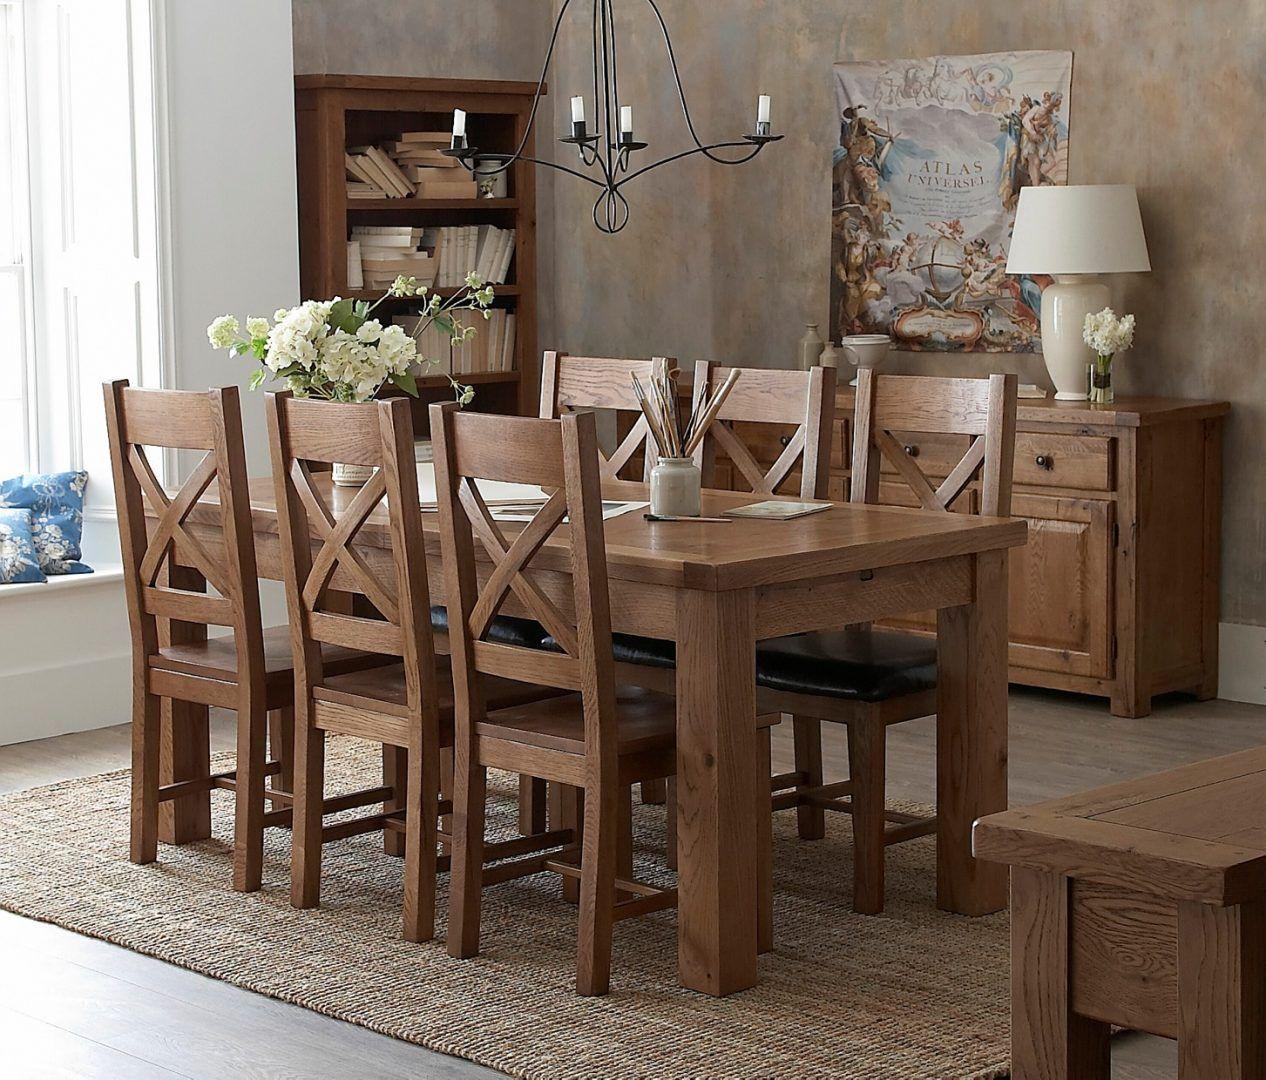 Mesa De Comedor R Stica Estilo Campestre Pinterest Mesas De  # Muebles Rusticos Con Toque Moderno